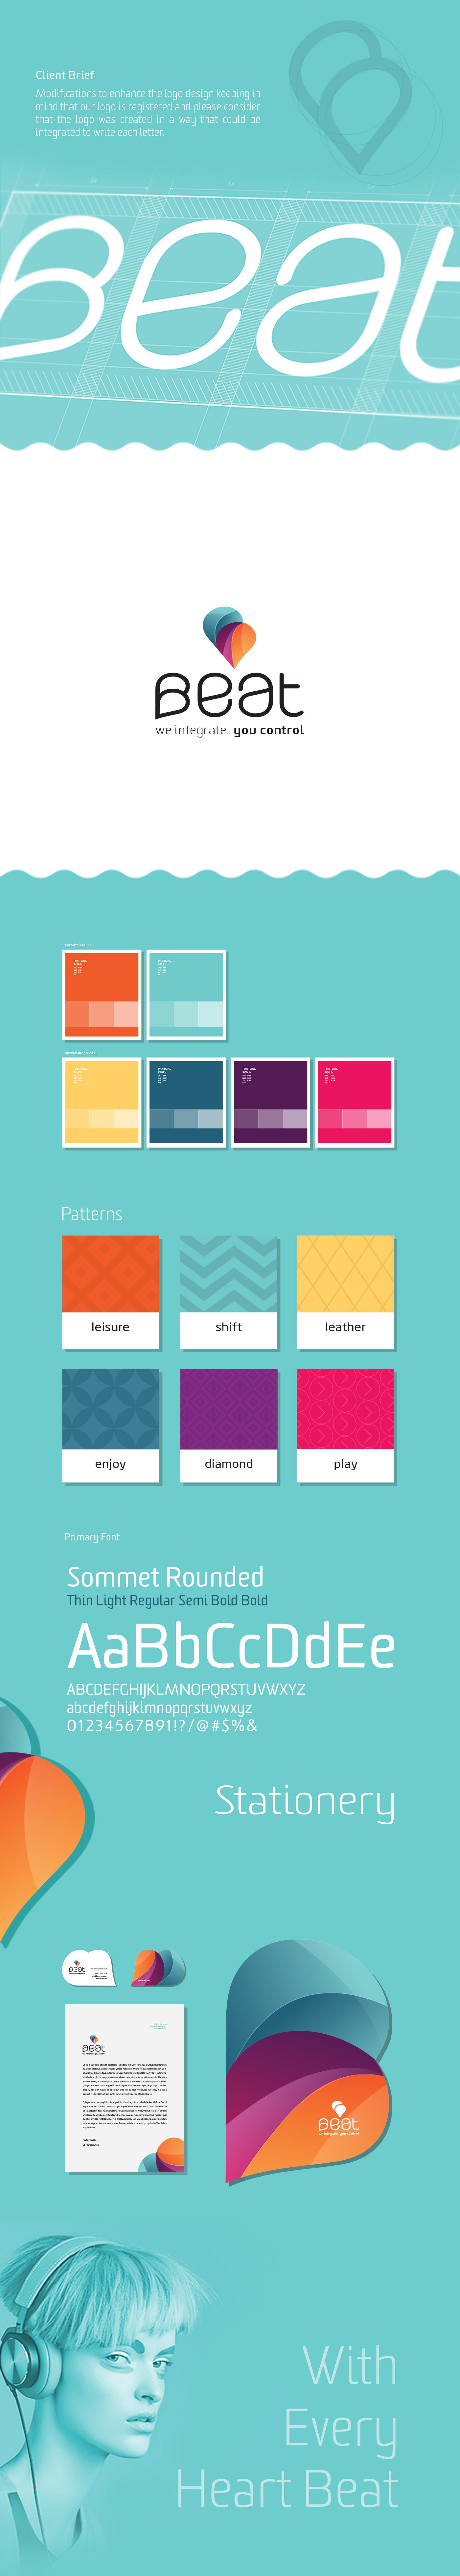 sound logo brand colorful heart Rebrand color